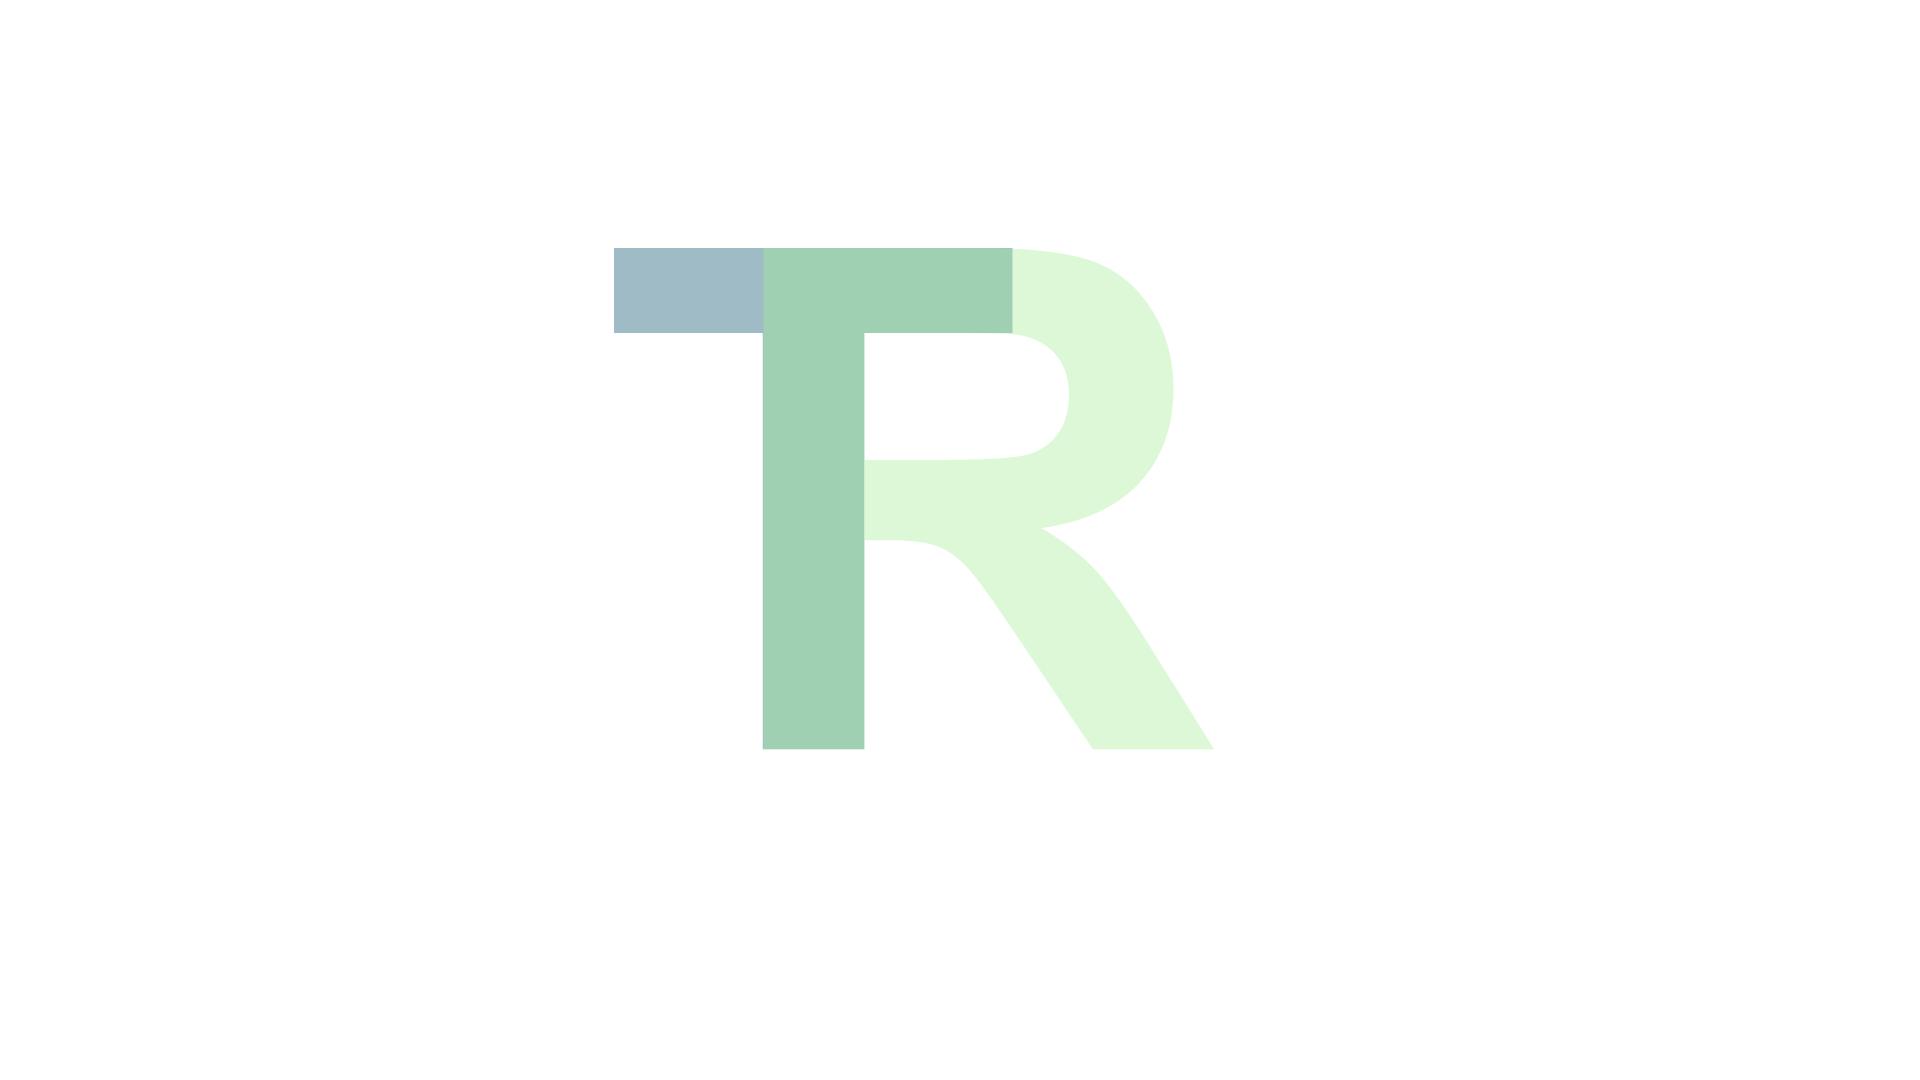 Logo pt wierd.png